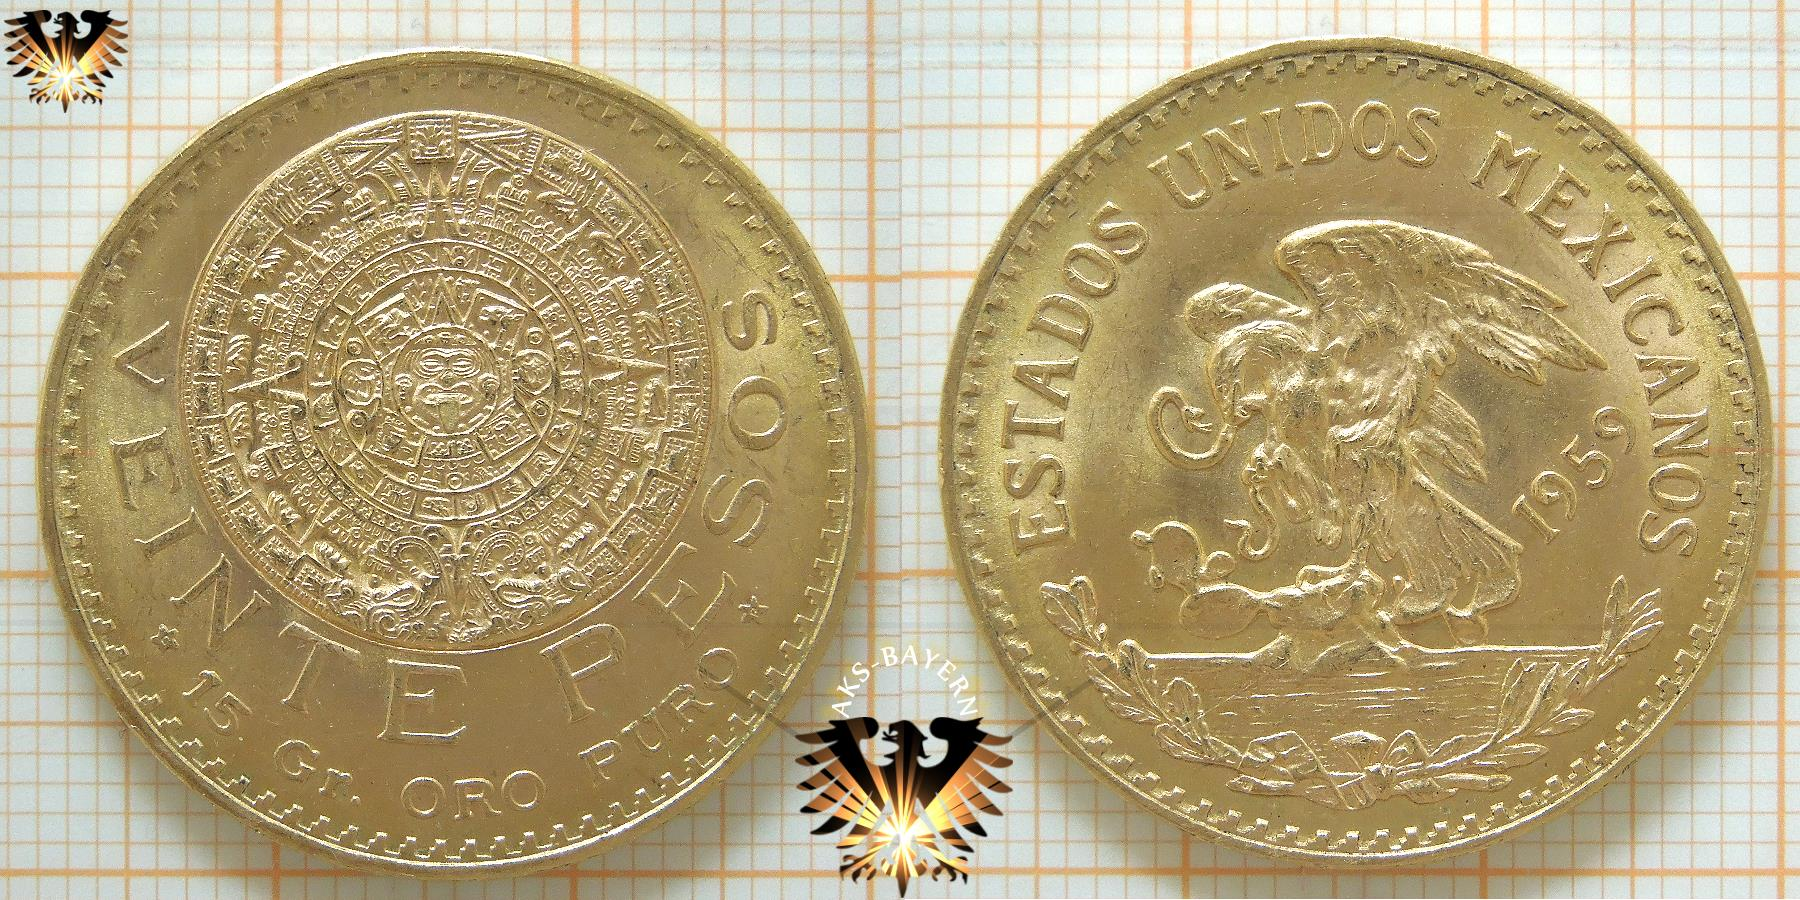 Goldmünze aus Mexiko- 20 Pesos in Gold | Hier Einkaufen ...